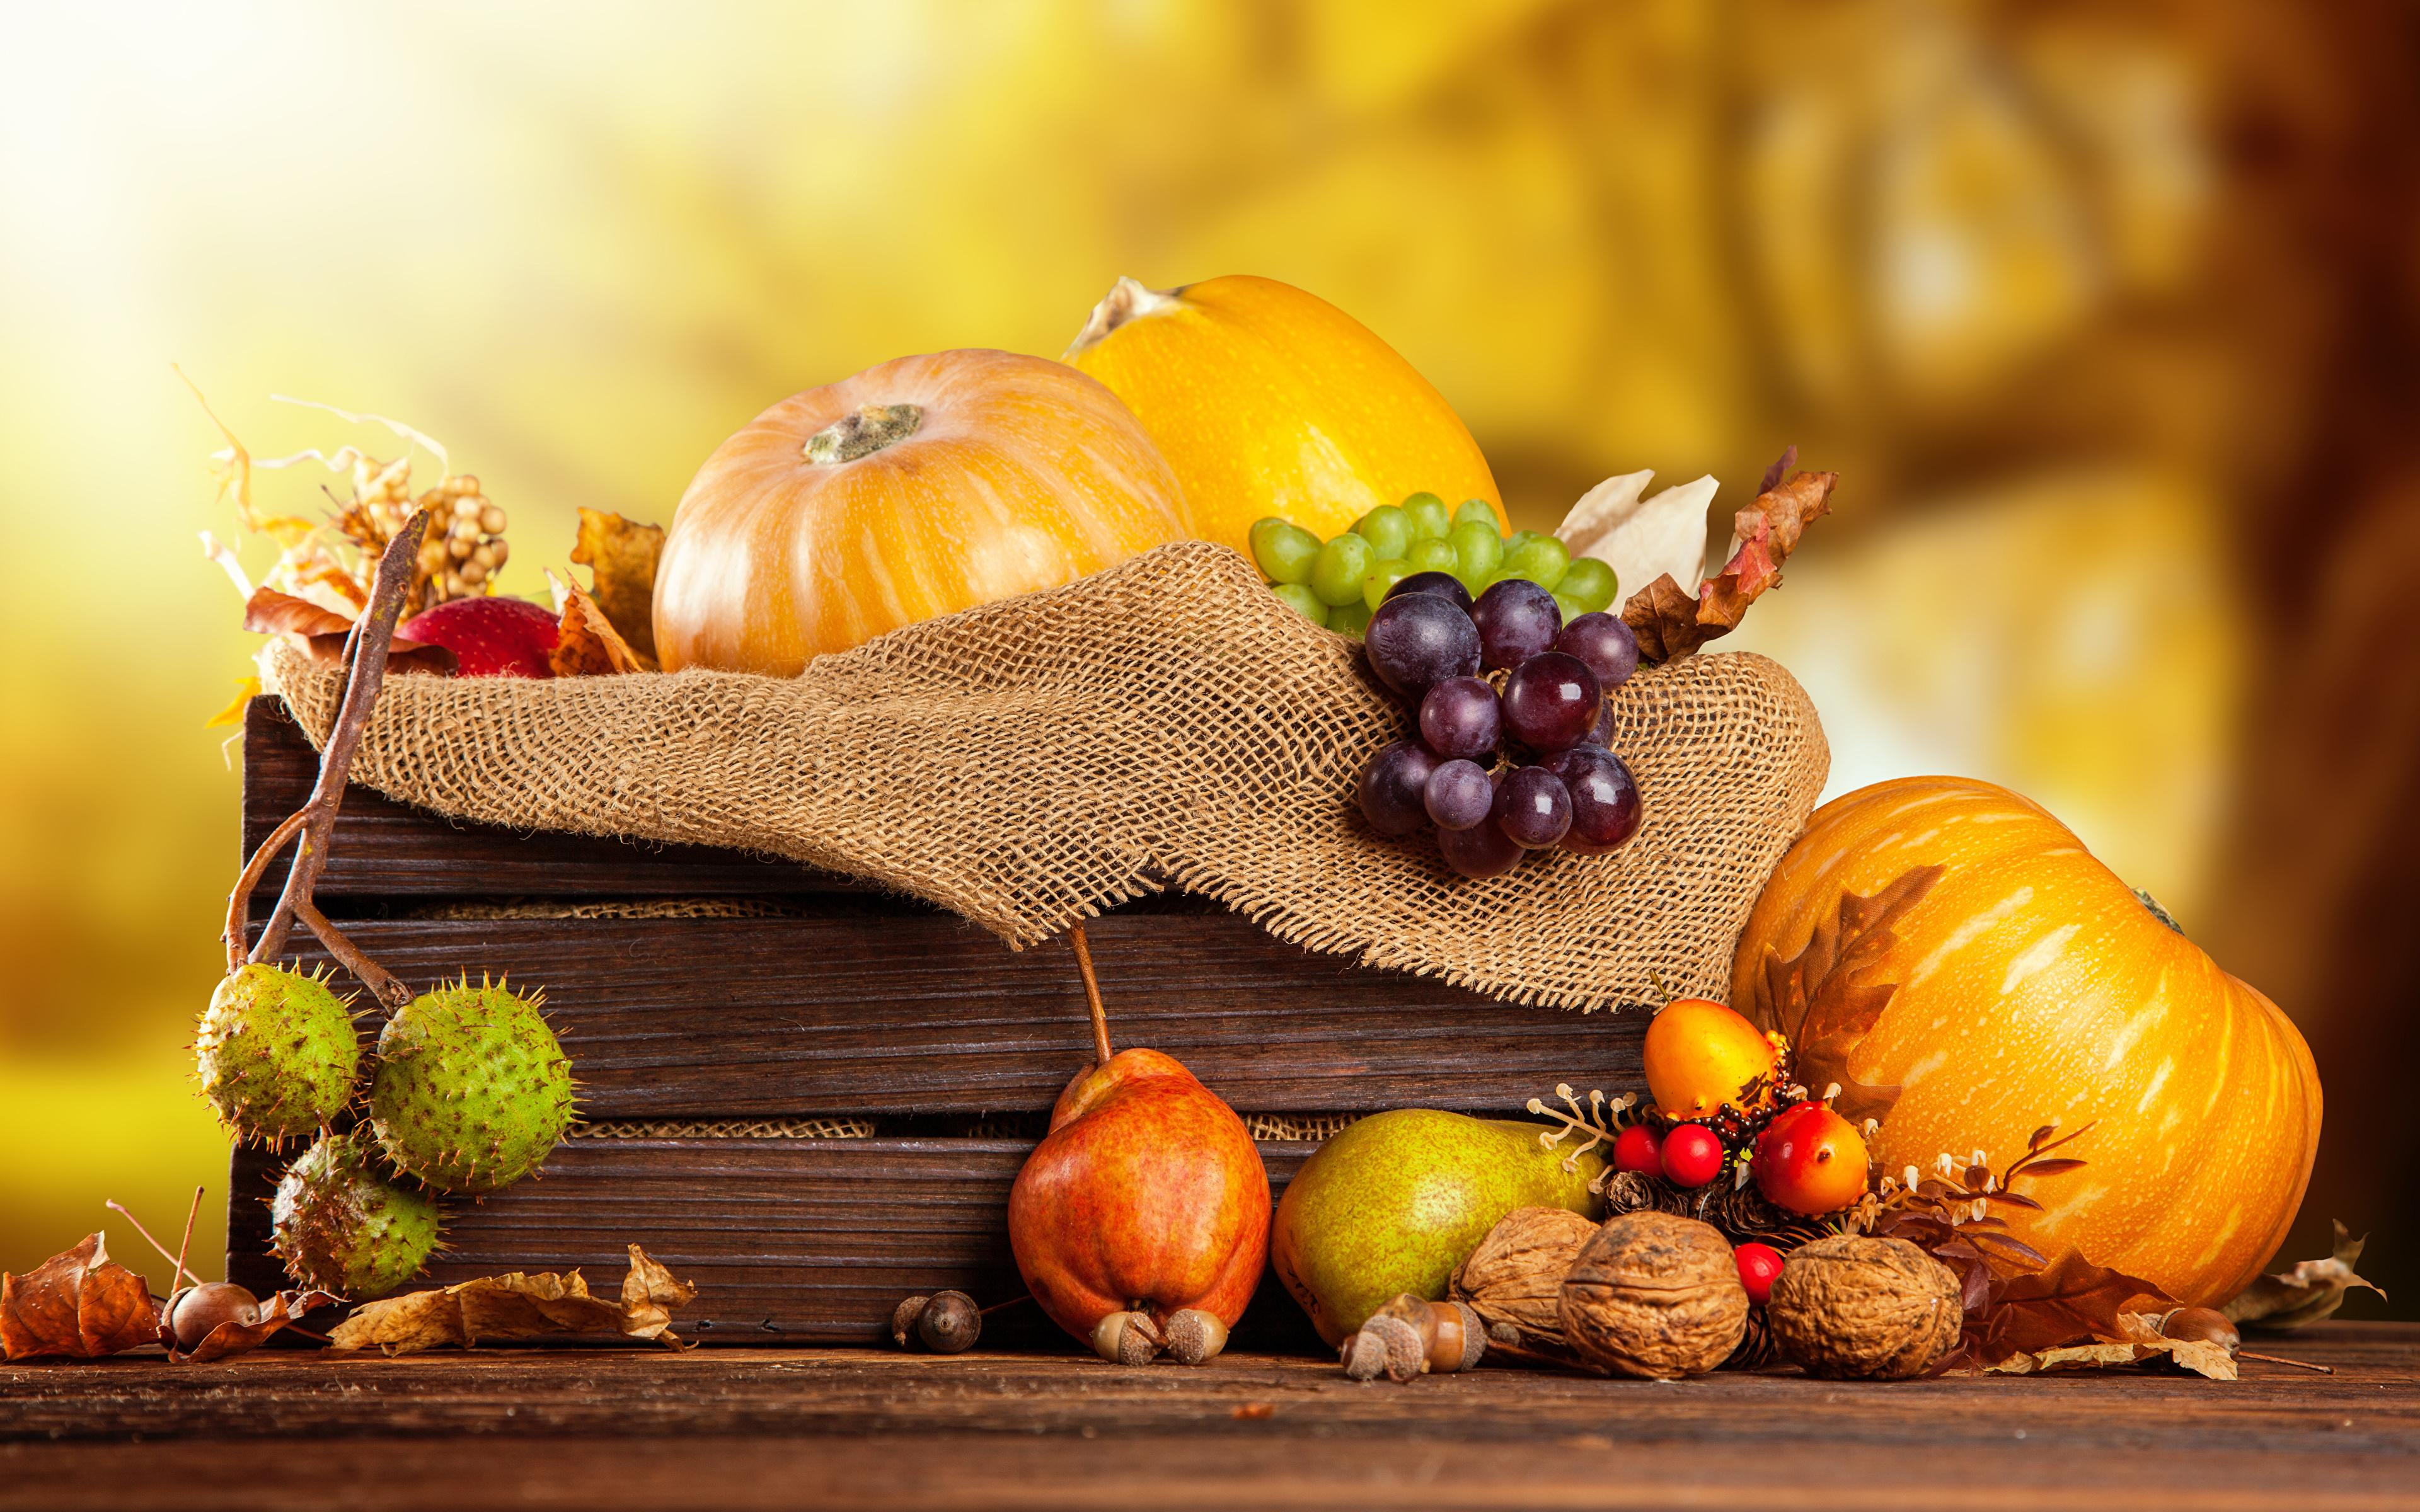 Фото Осень Тыква Груши Виноград Пища Орехи 3840x2400 осенние Еда Продукты питания